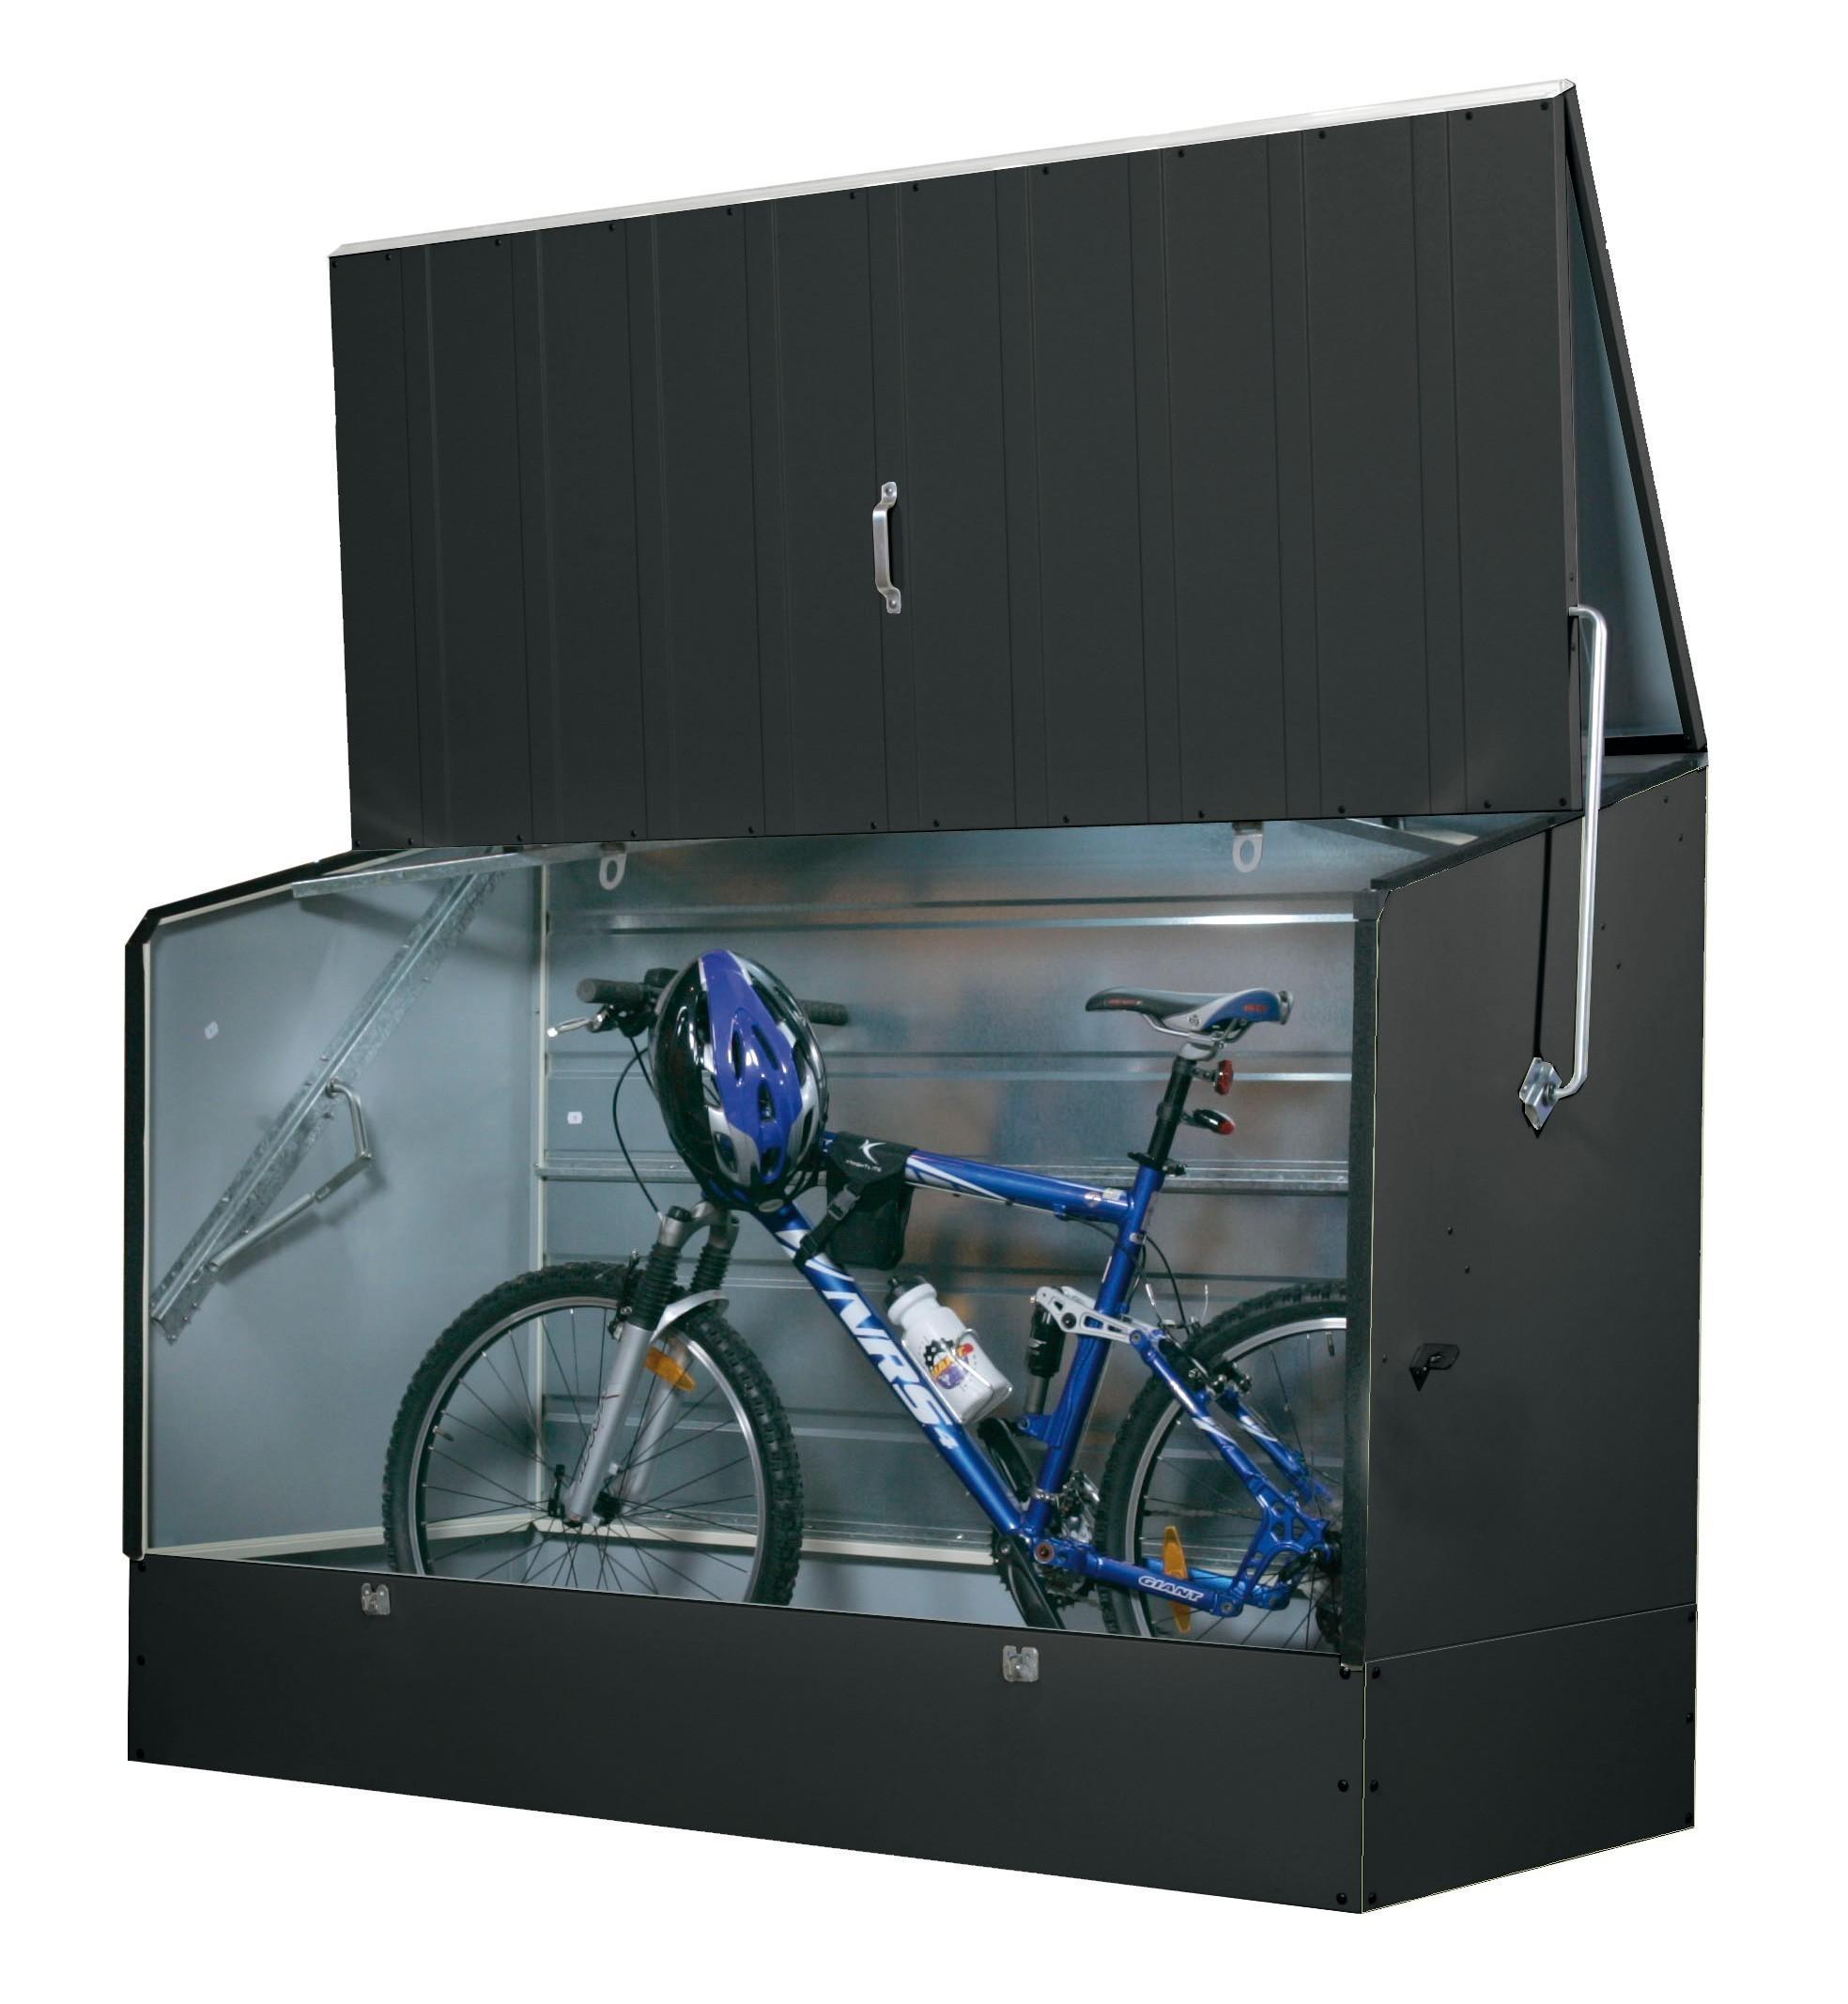 fahrradgarage selber bauen fahrradgarage selber bauen fahrradgarage selber bauen. Black Bedroom Furniture Sets. Home Design Ideas